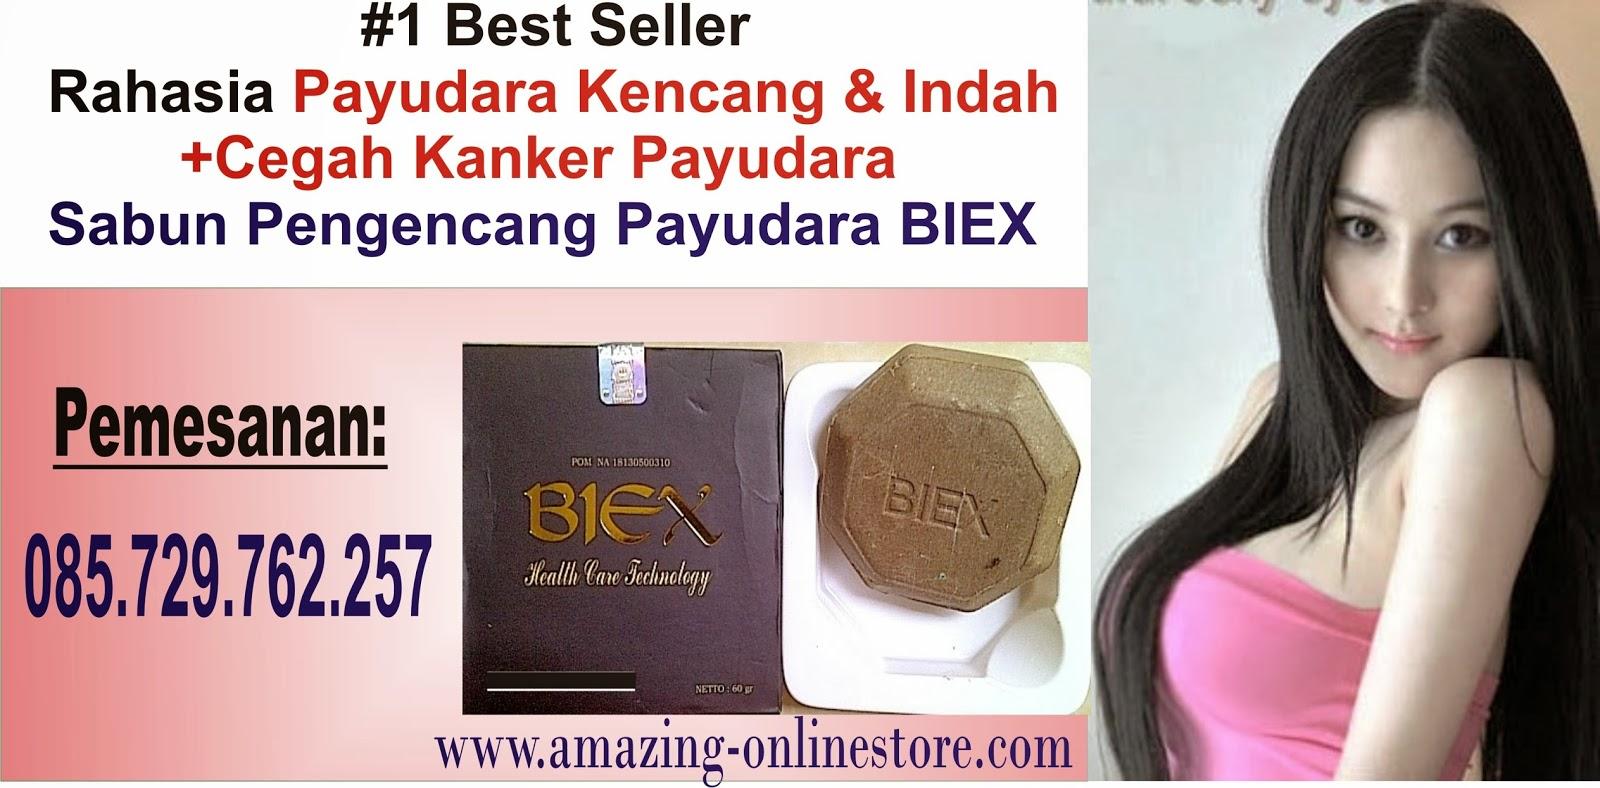 Payudara Biex Kanker Payudara Manfaat Sabun Biex Harga Sabun Biex